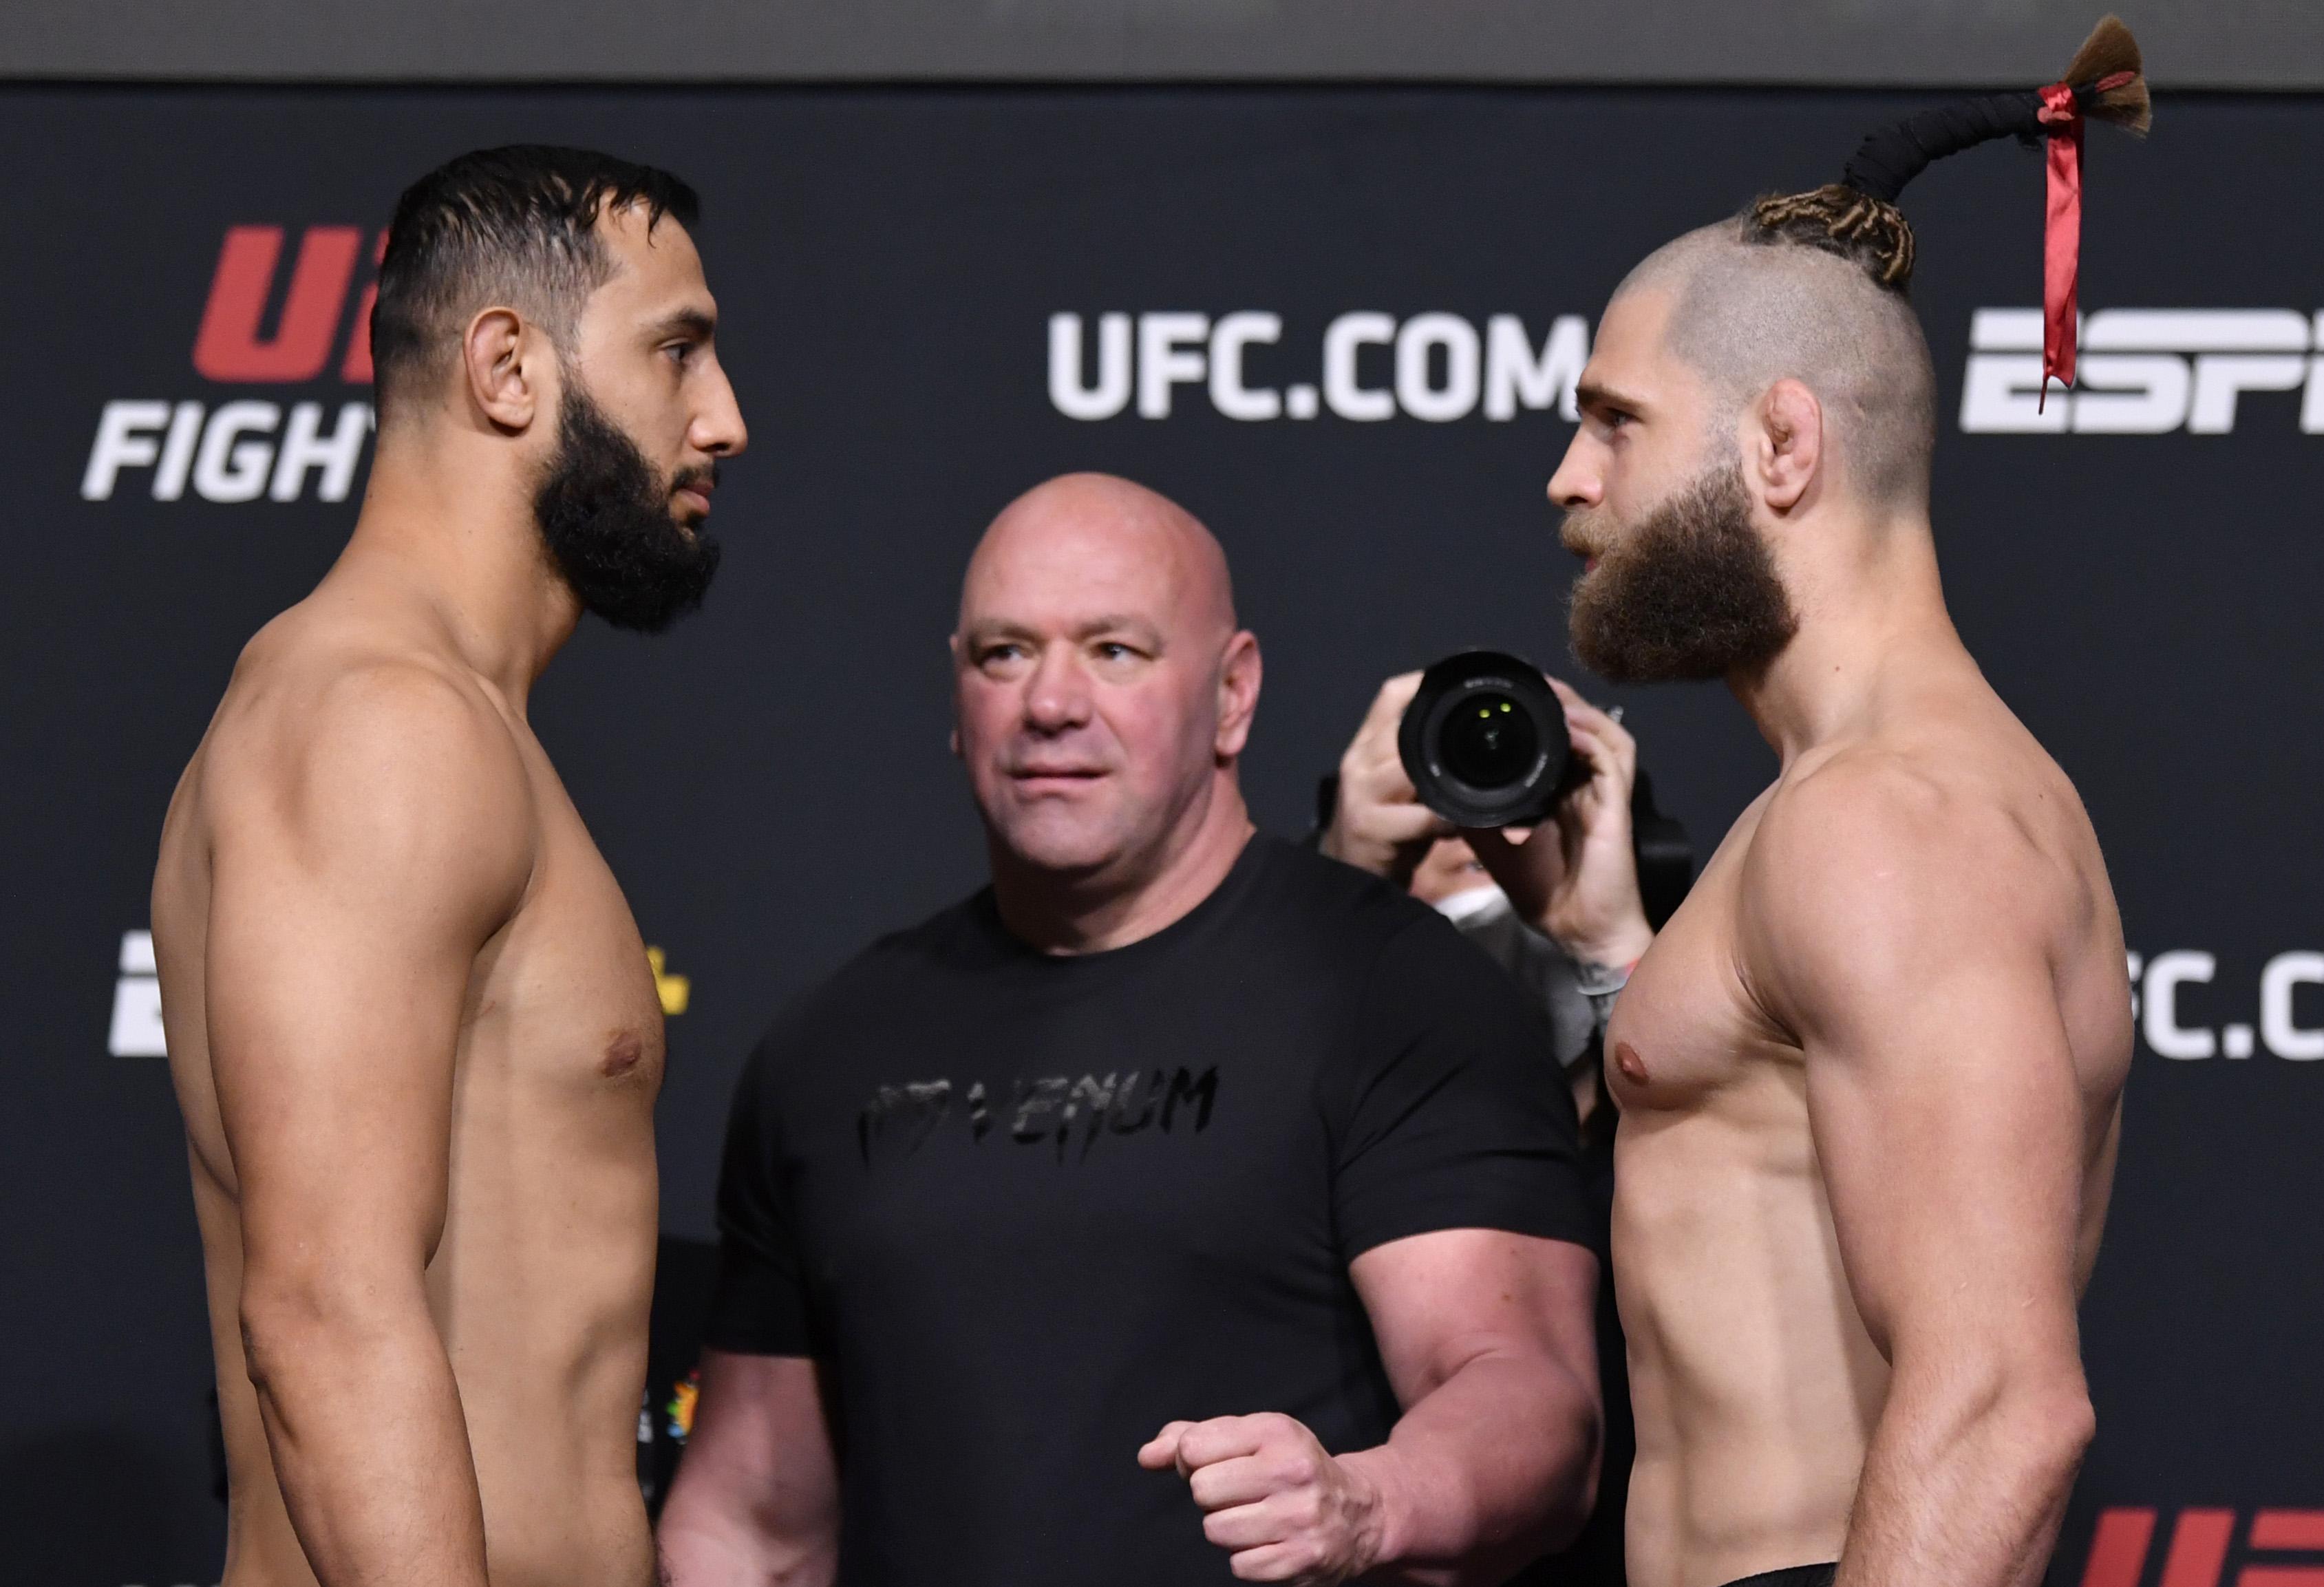 (从左至右)捷克的对手多米尼克·雷耶斯和吉里·普罗查兹卡将于2021年4月30日在内华达州拉斯维加斯举行的UFC APEX终极格斗冠军赛上进行称重比赛。